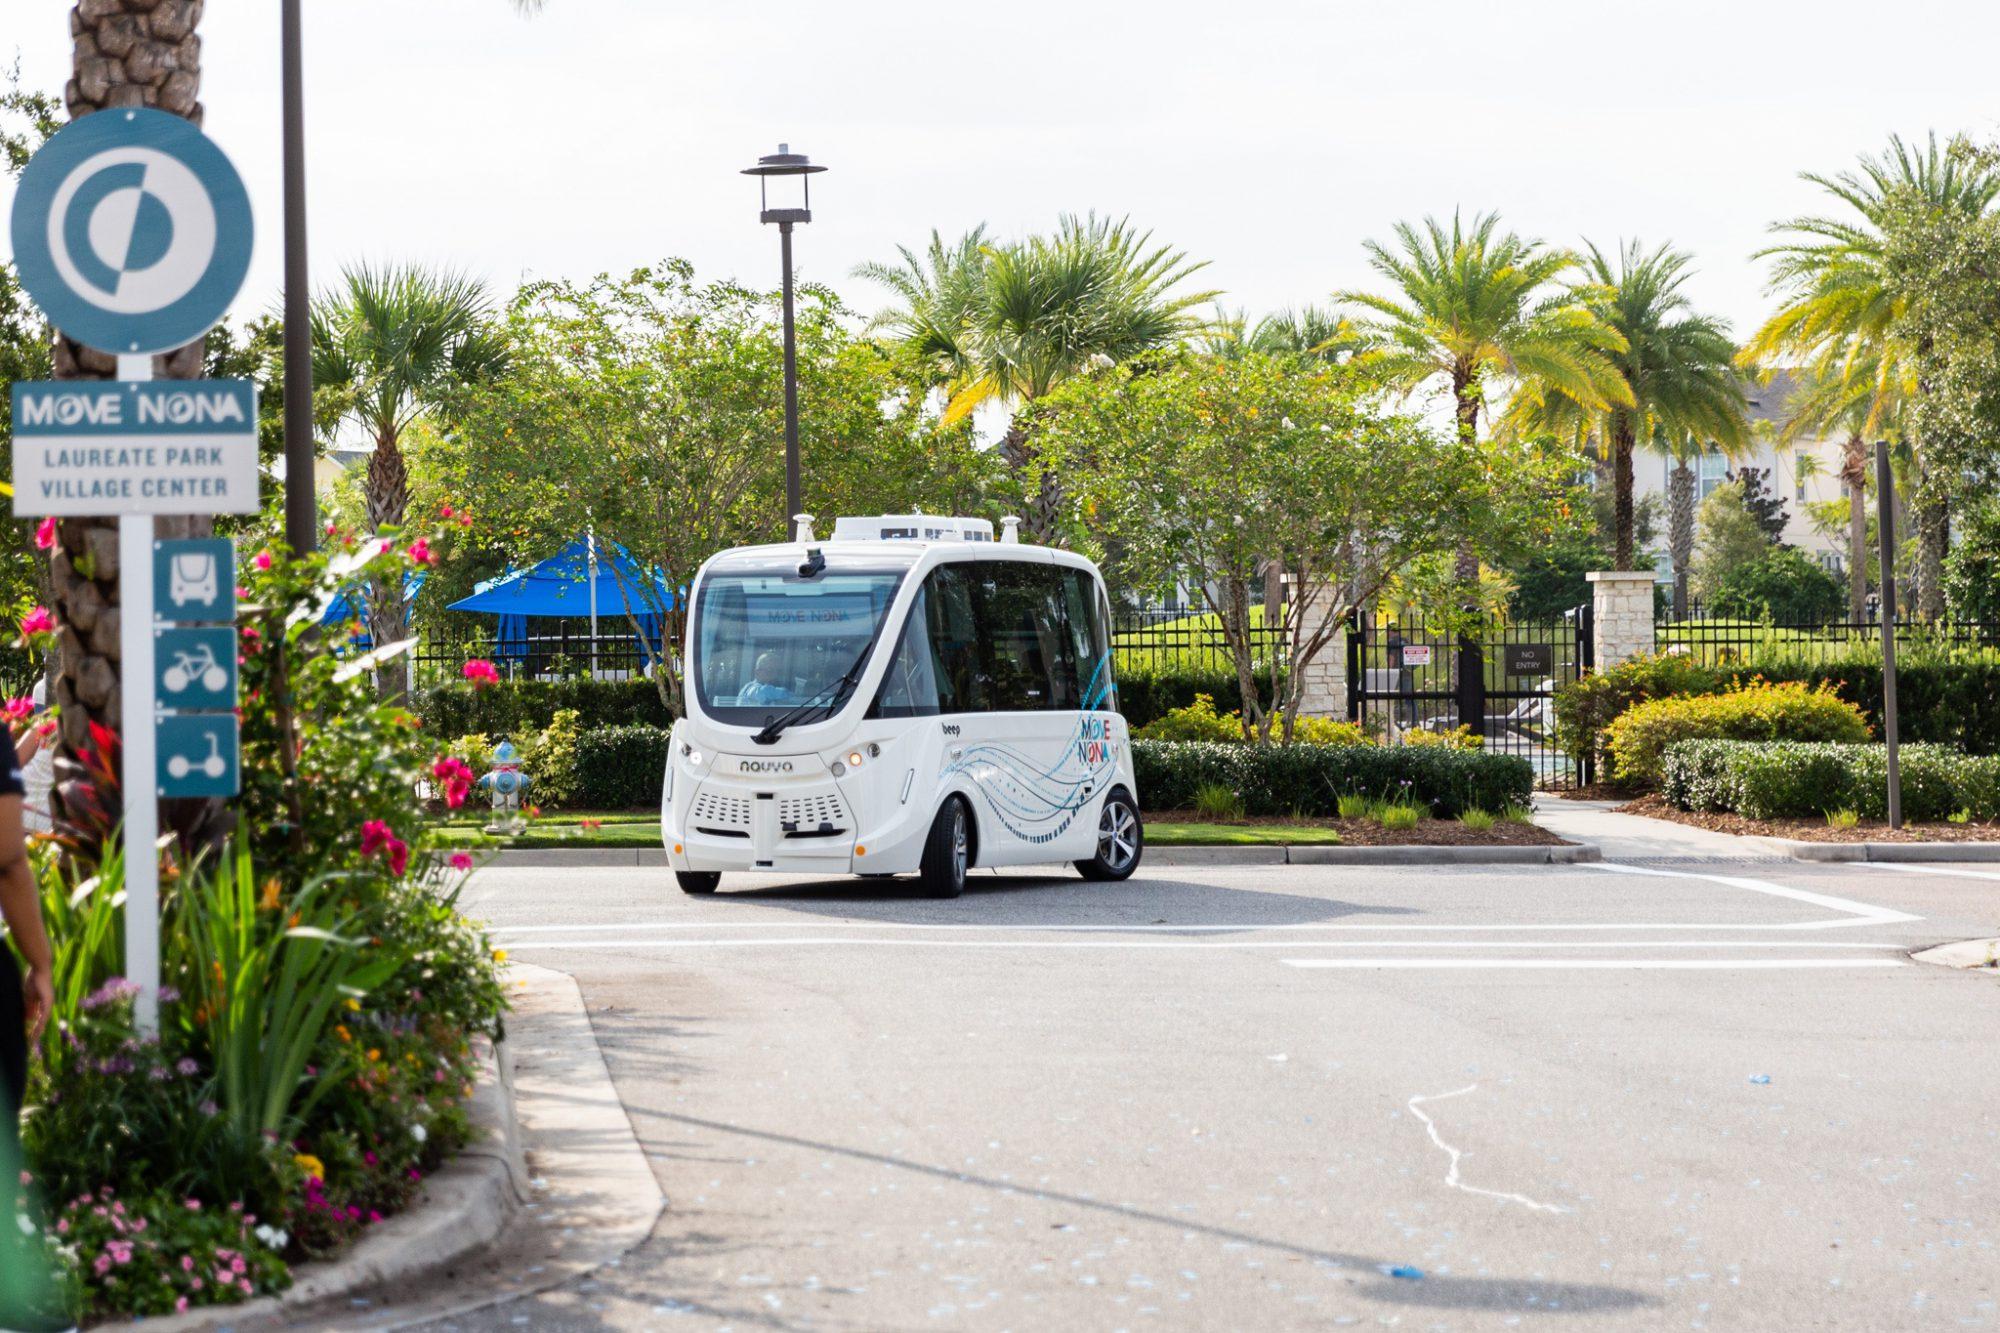 Autonomous Vehicles: Move Nona 6